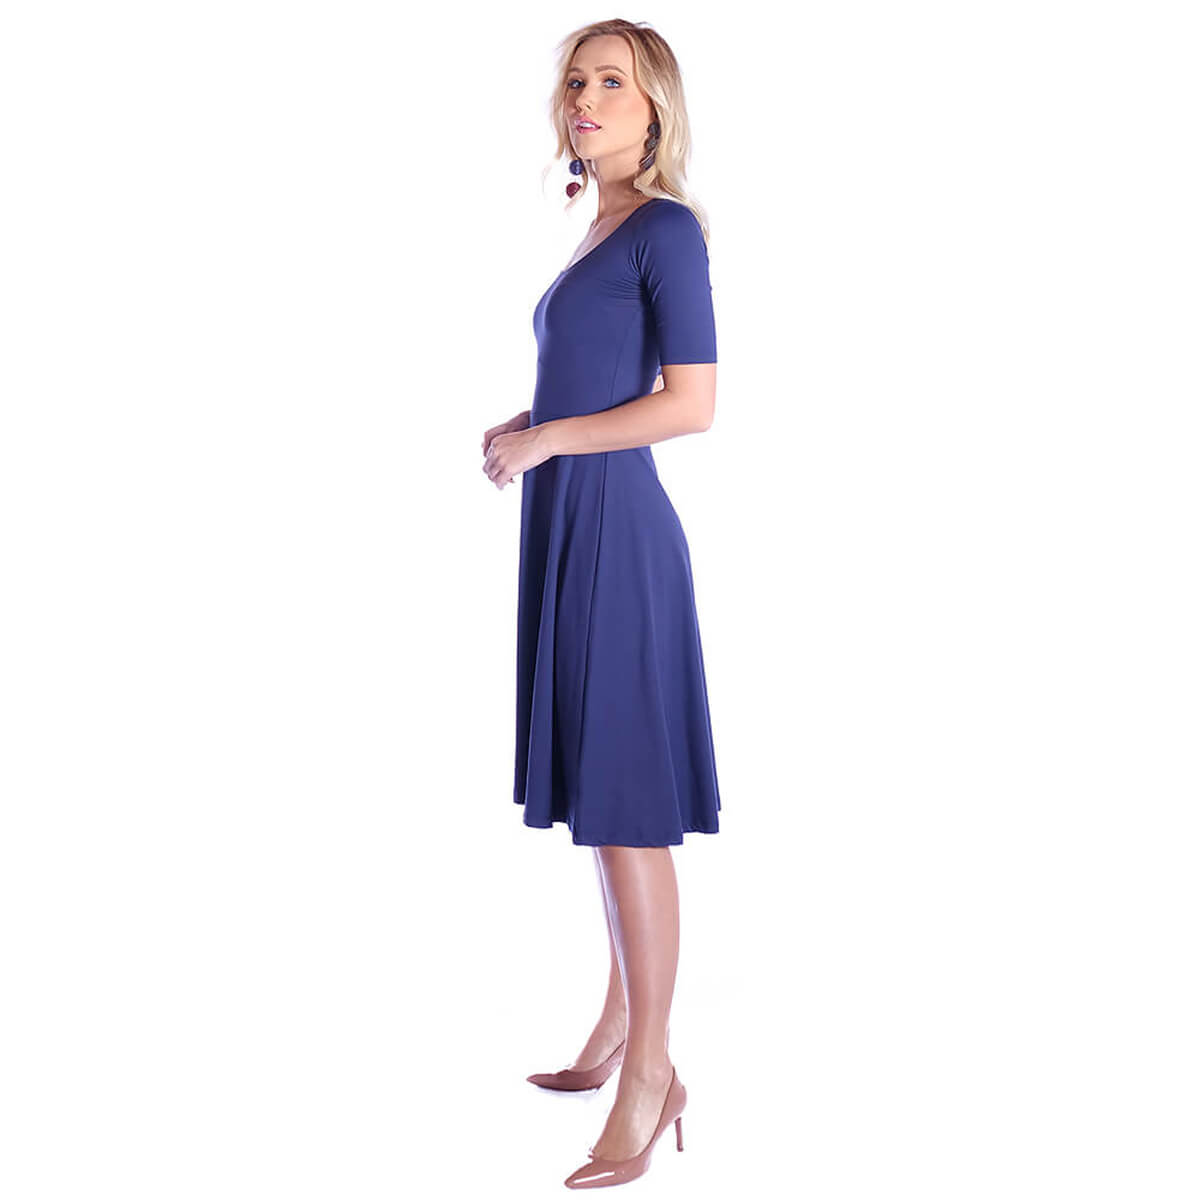 Vestido Azul Marinho Meia Manga Decote Redondo